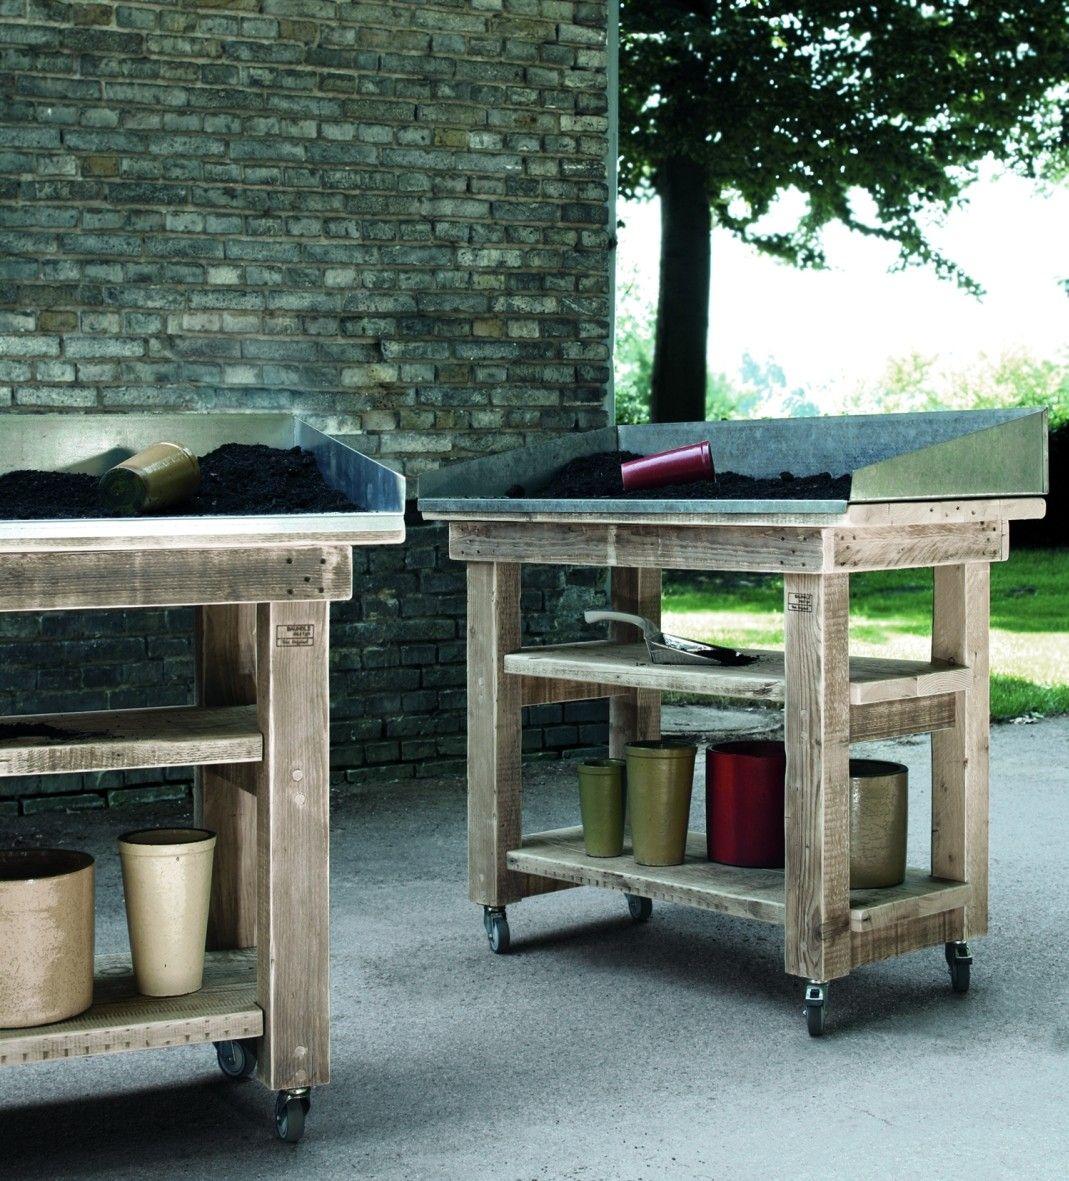 Bauholz design arbeitstisch mit zinkauflage bauholz for Arbeitstisch kuche selber bauen